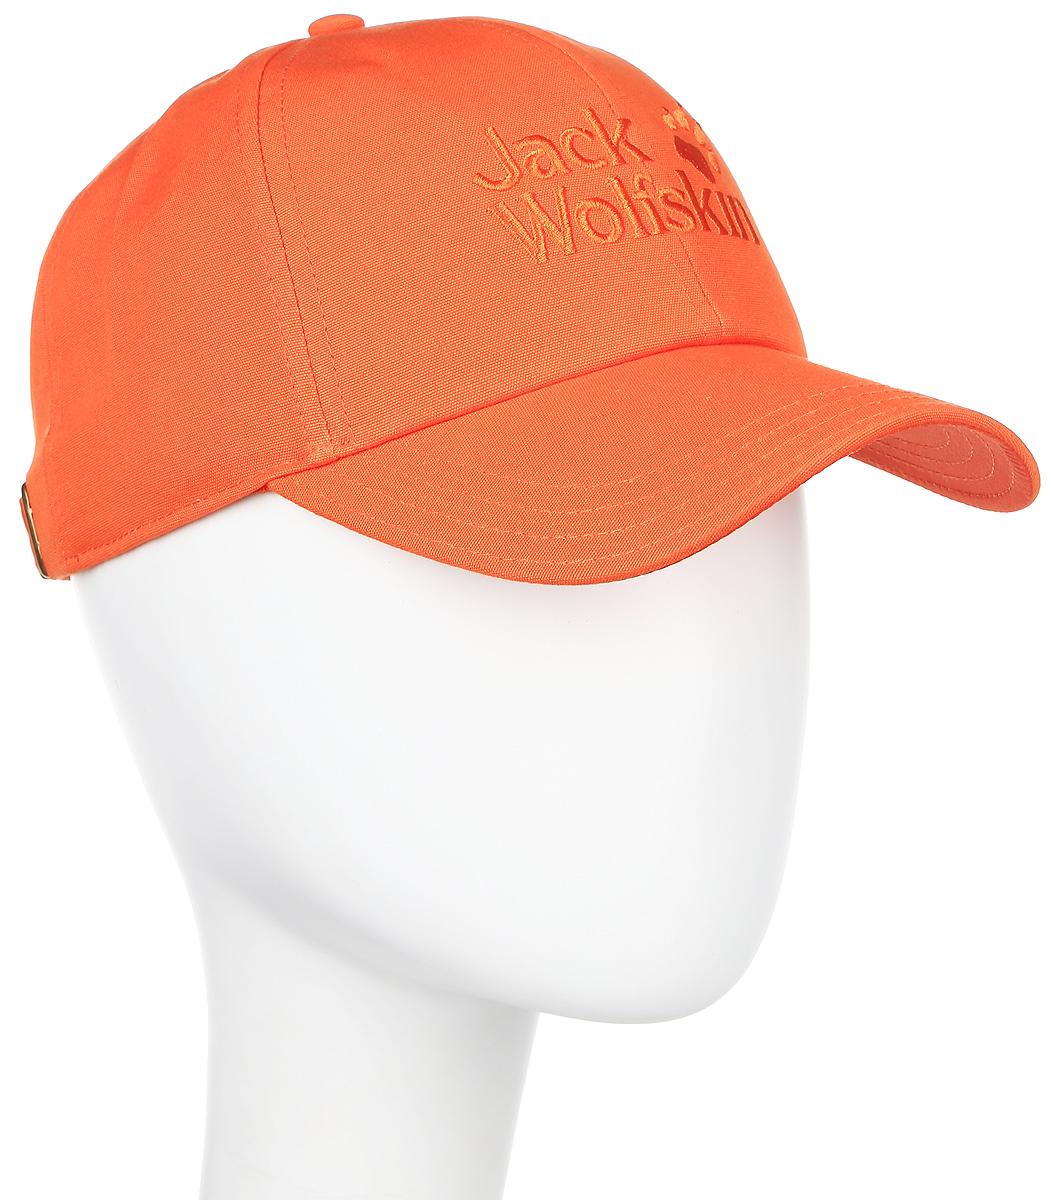 Бейсболка Jack Wolfskin Baseball Cap, цвет: оранжевый. 1900671-3727. Размер 56/611900671-3727Бейсболка Baseball Cap - это классика, выполненная из 100% натурального хлопка. Ткань дышащая, прочная и комфортная в носке. Модель идеально подходит на все случаи жизни. Бейсболка выполнена в однотонном дизайне и дополнена вышивкой с логотипом бренда.